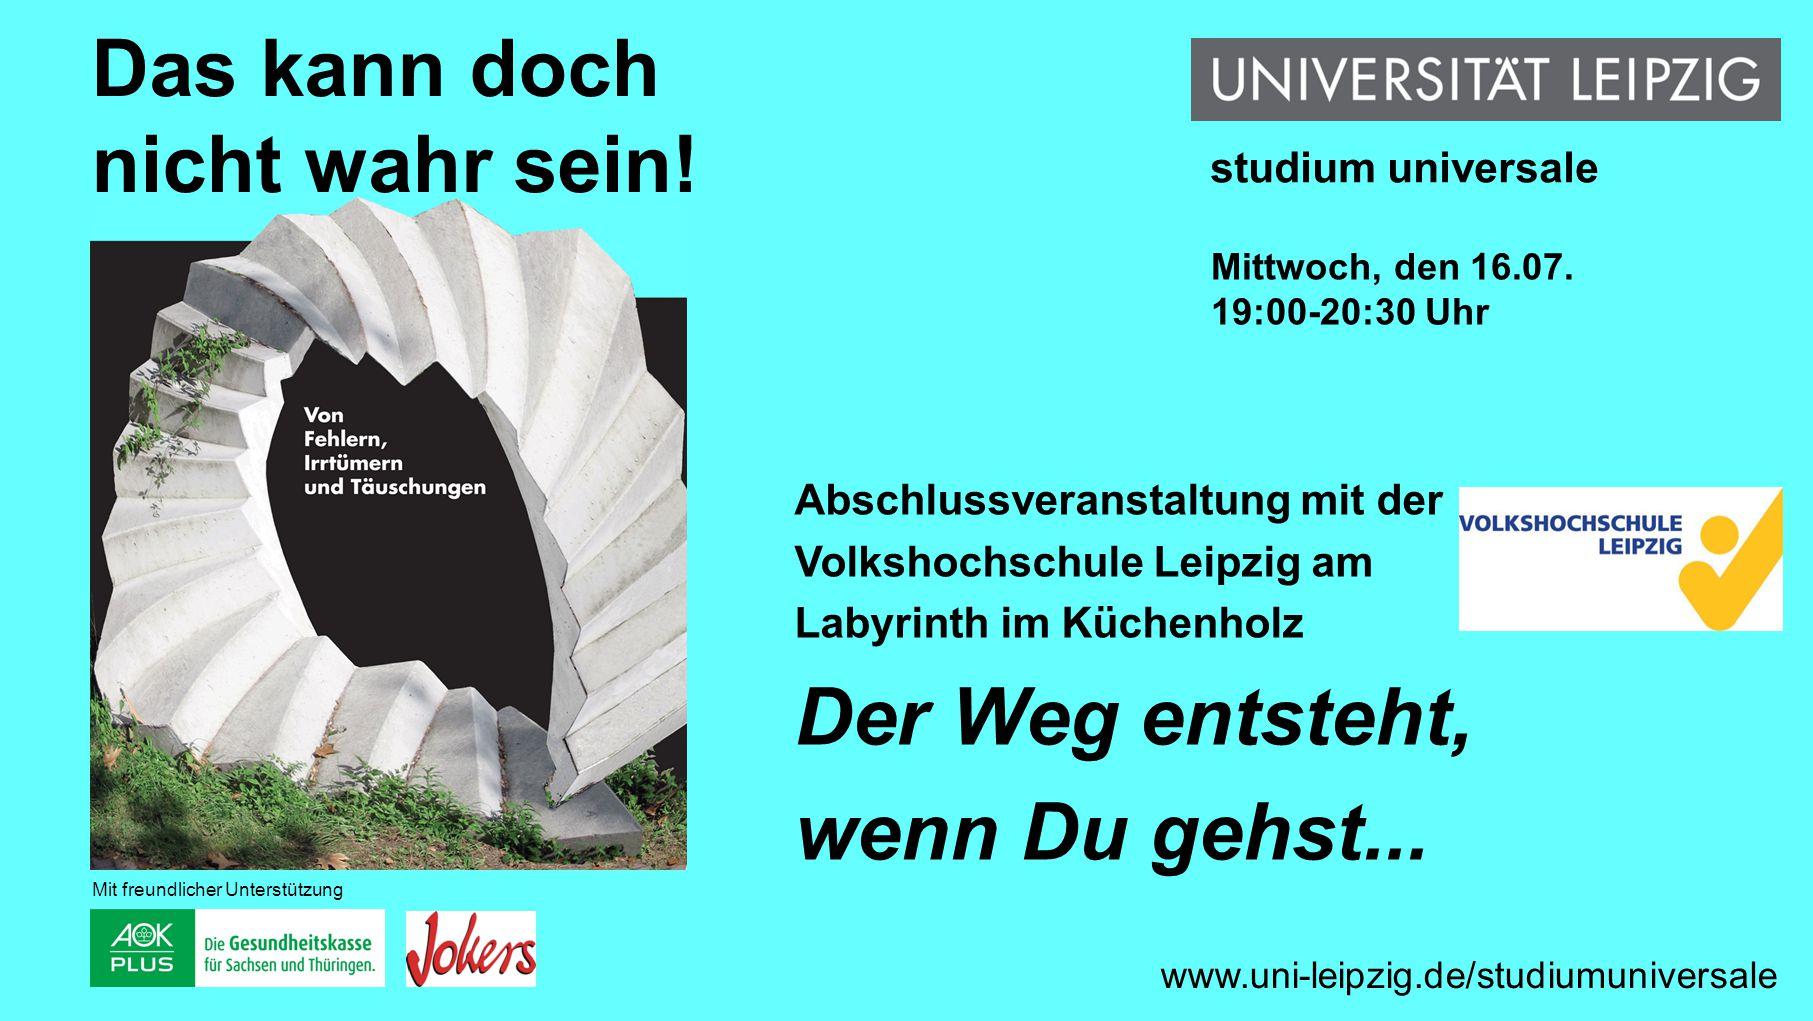 Abschlussveranstaltung mit der Volkshochschule Leipzig am Labyrinth im Küchenholz Der Weg entsteht, wenn Du gehst... www.uni-leipzig.de/studiumunivers